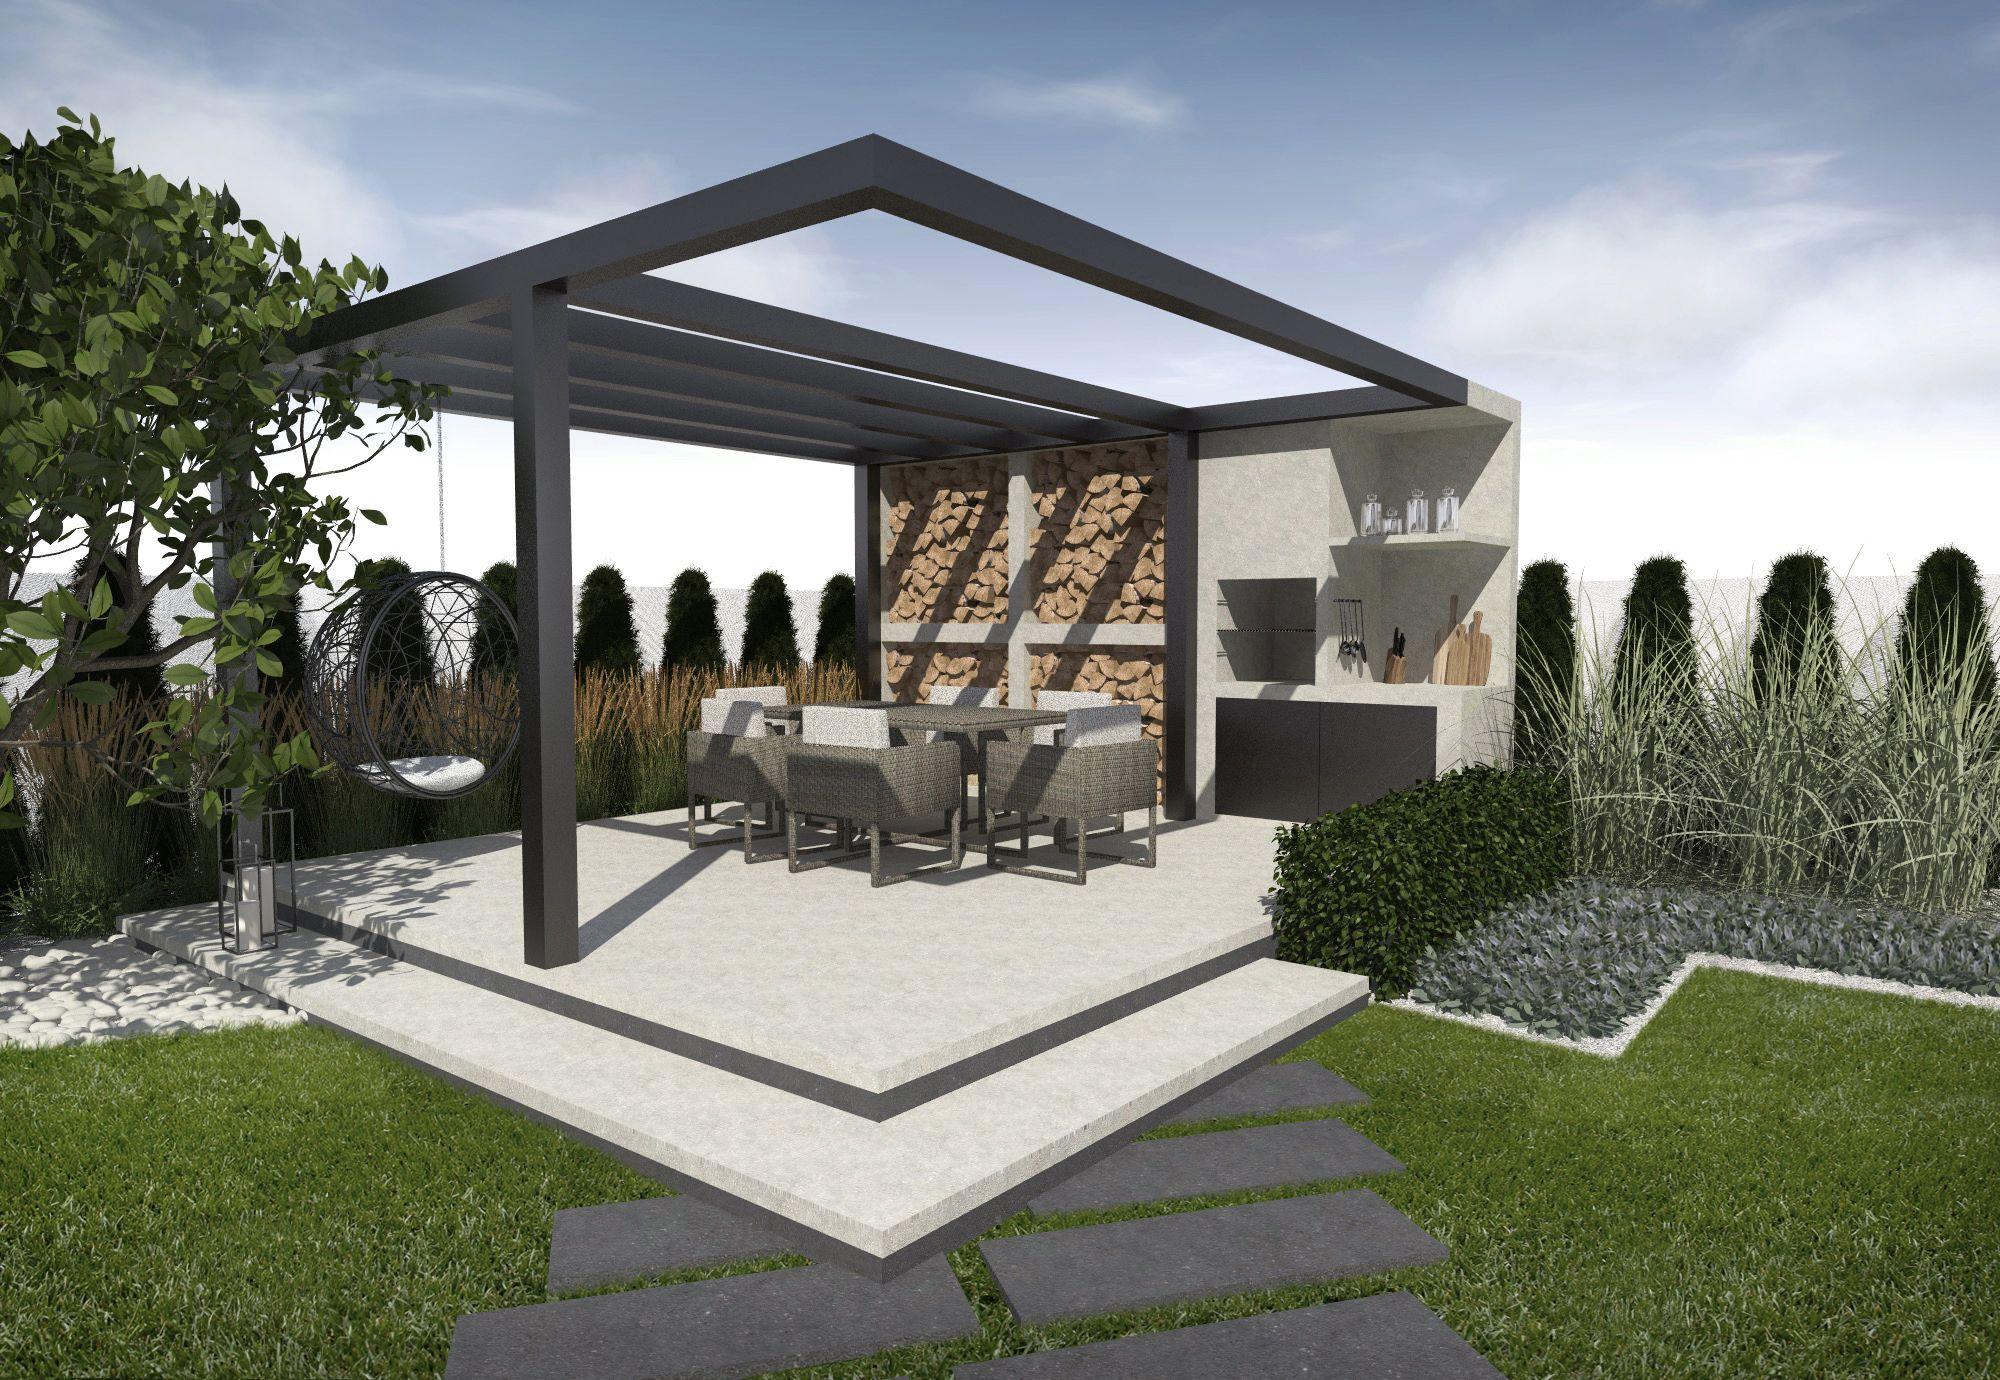 Projekt Nowoczesnej Altany Modern Gazebo Outdoor Decor Backyard Outdoor Canopy Gazebo